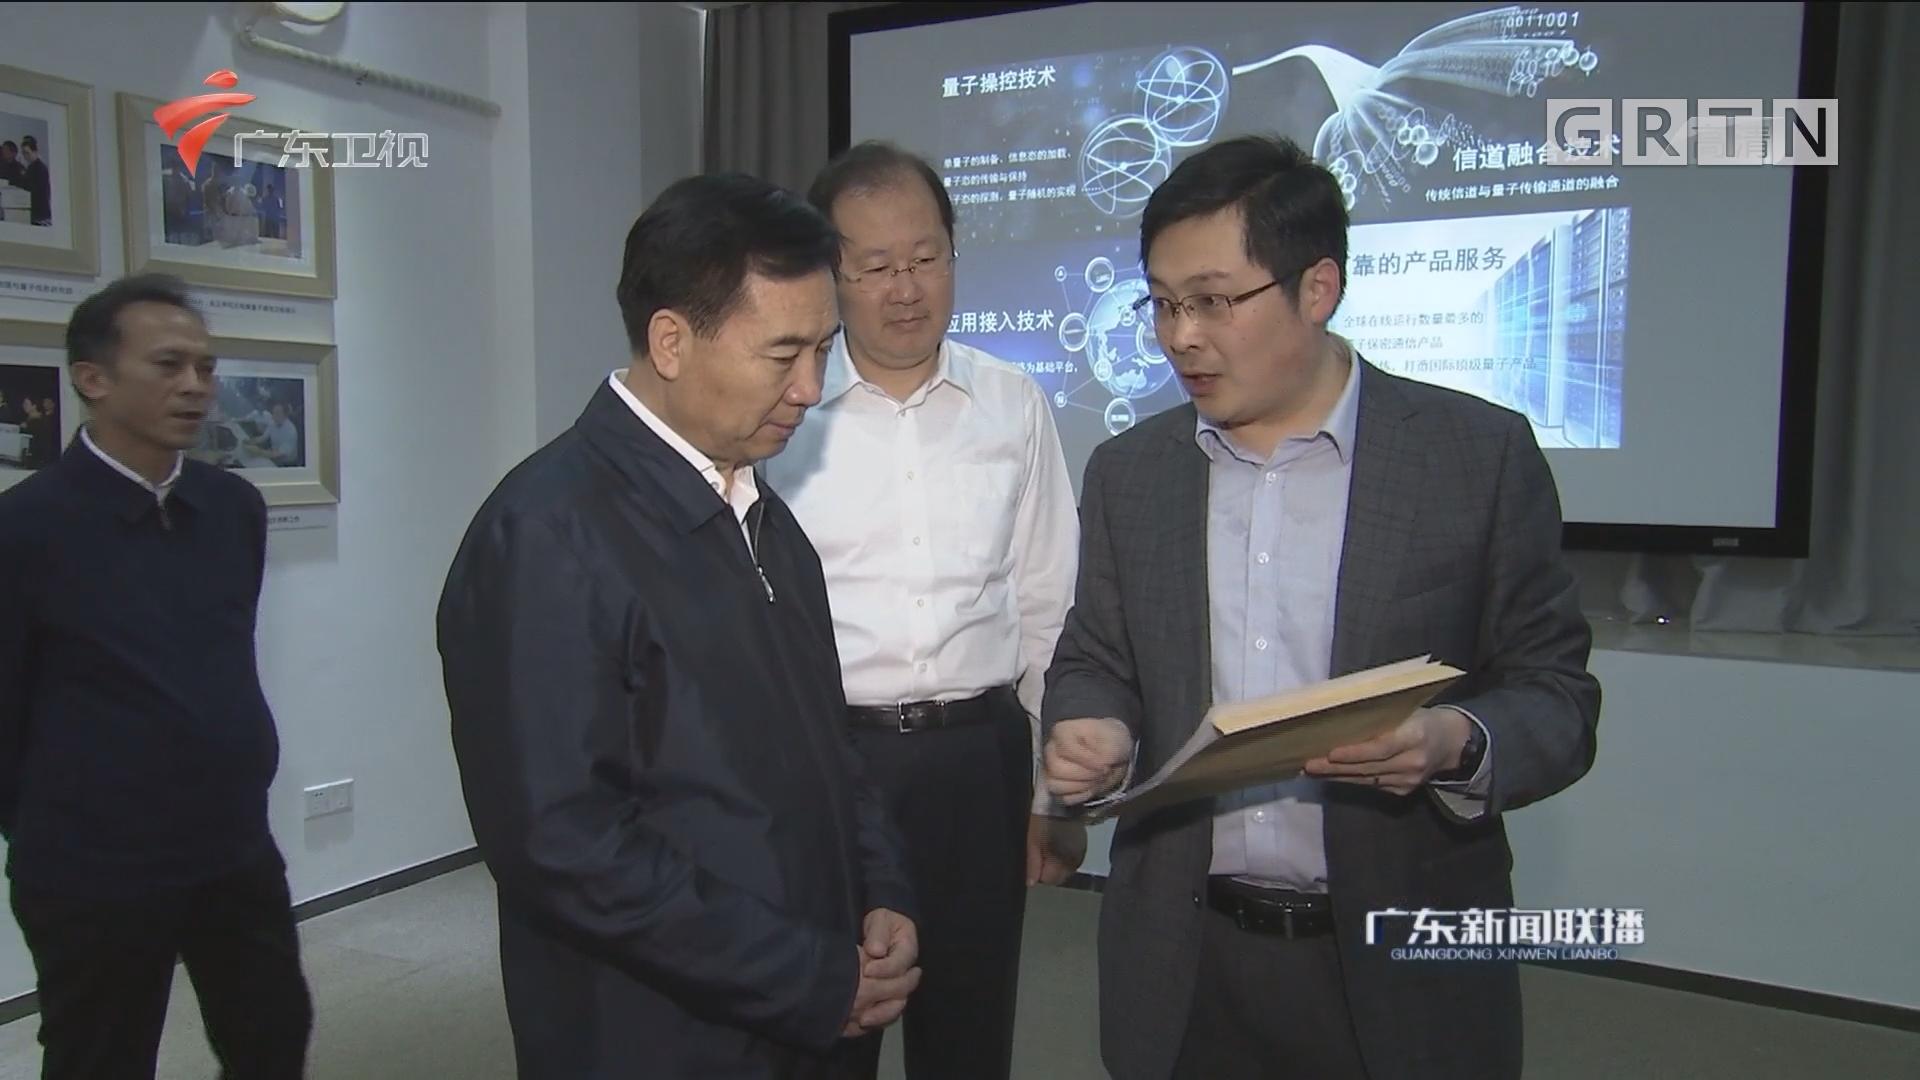 李希在广州调研时强调 深入学习贯彻党的十九大精神 发挥好中心城市引领带动作用